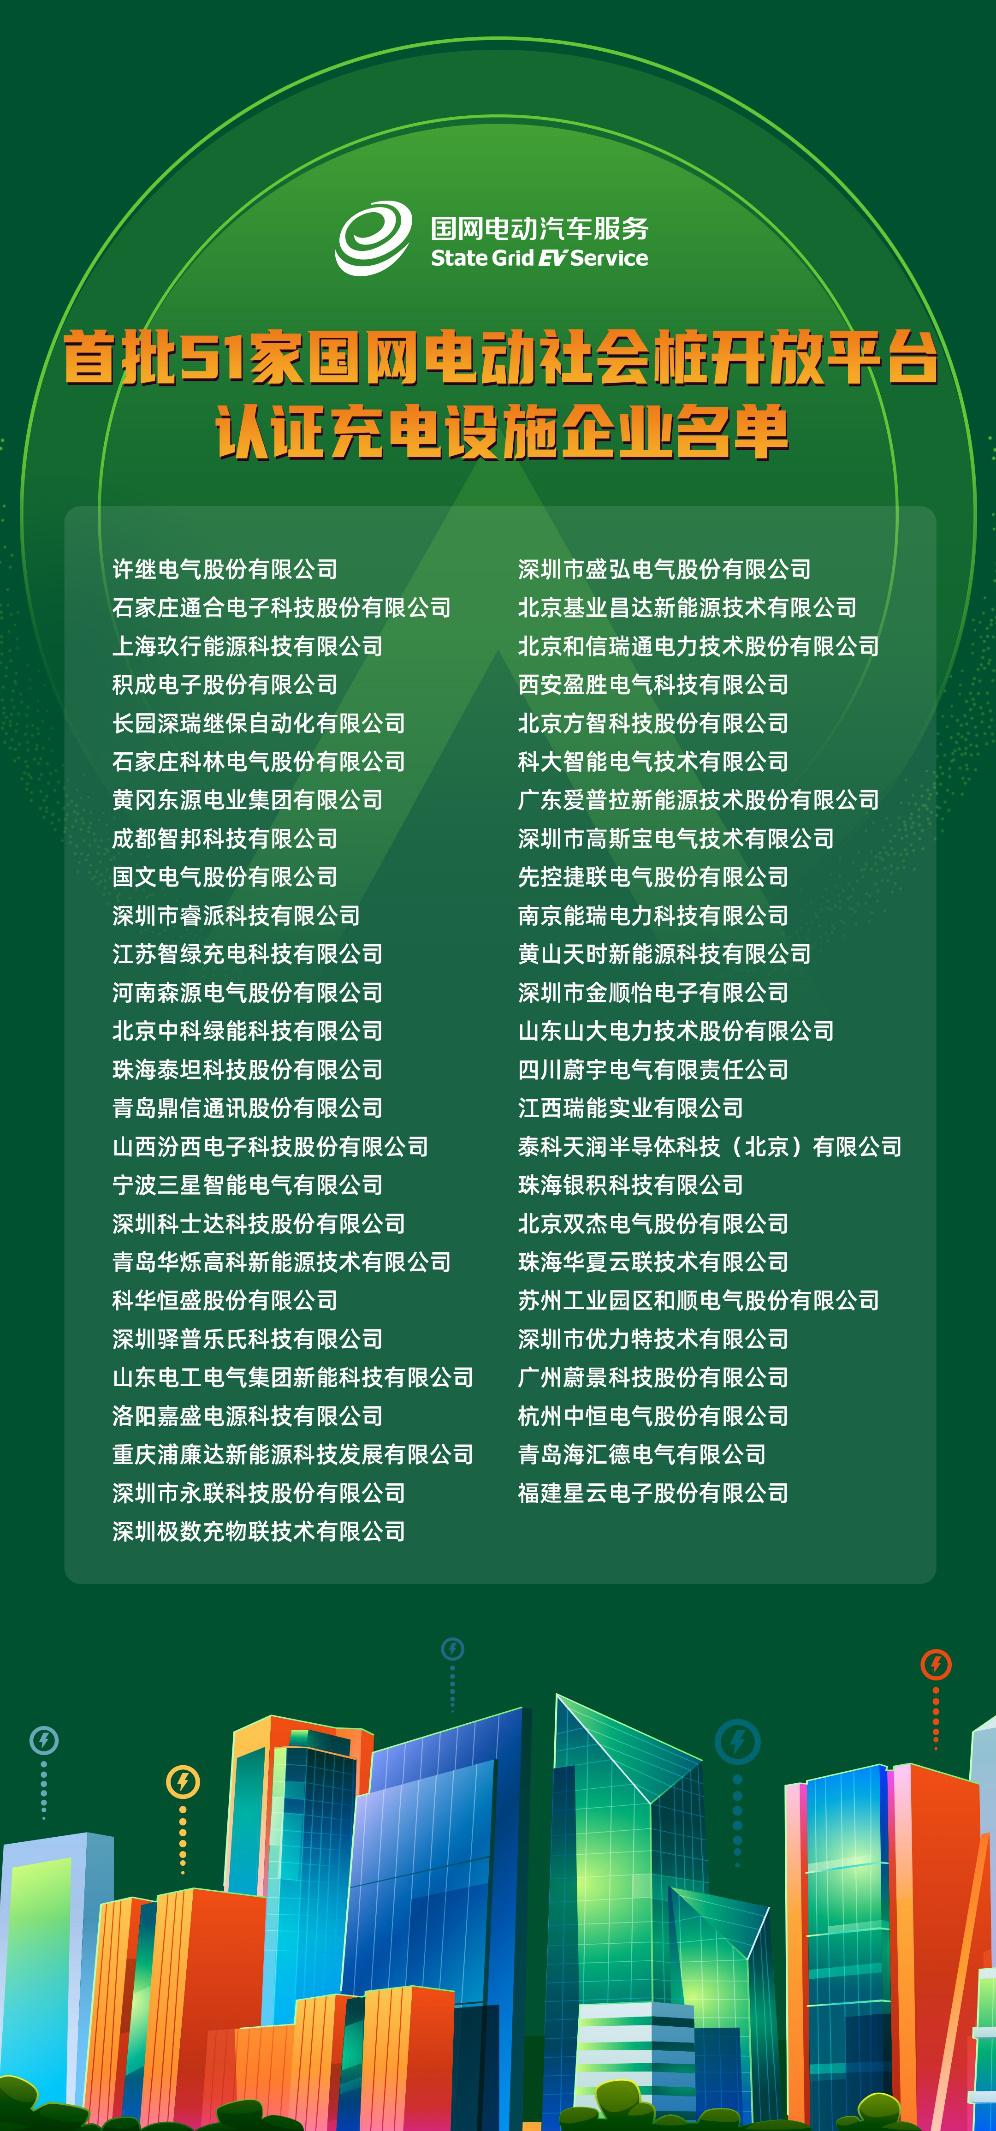 """加快新基建落地,公布首批51家认证桩企,""""国网电动社会桩开放平台""""项目正式启动-《国资报告》杂志"""